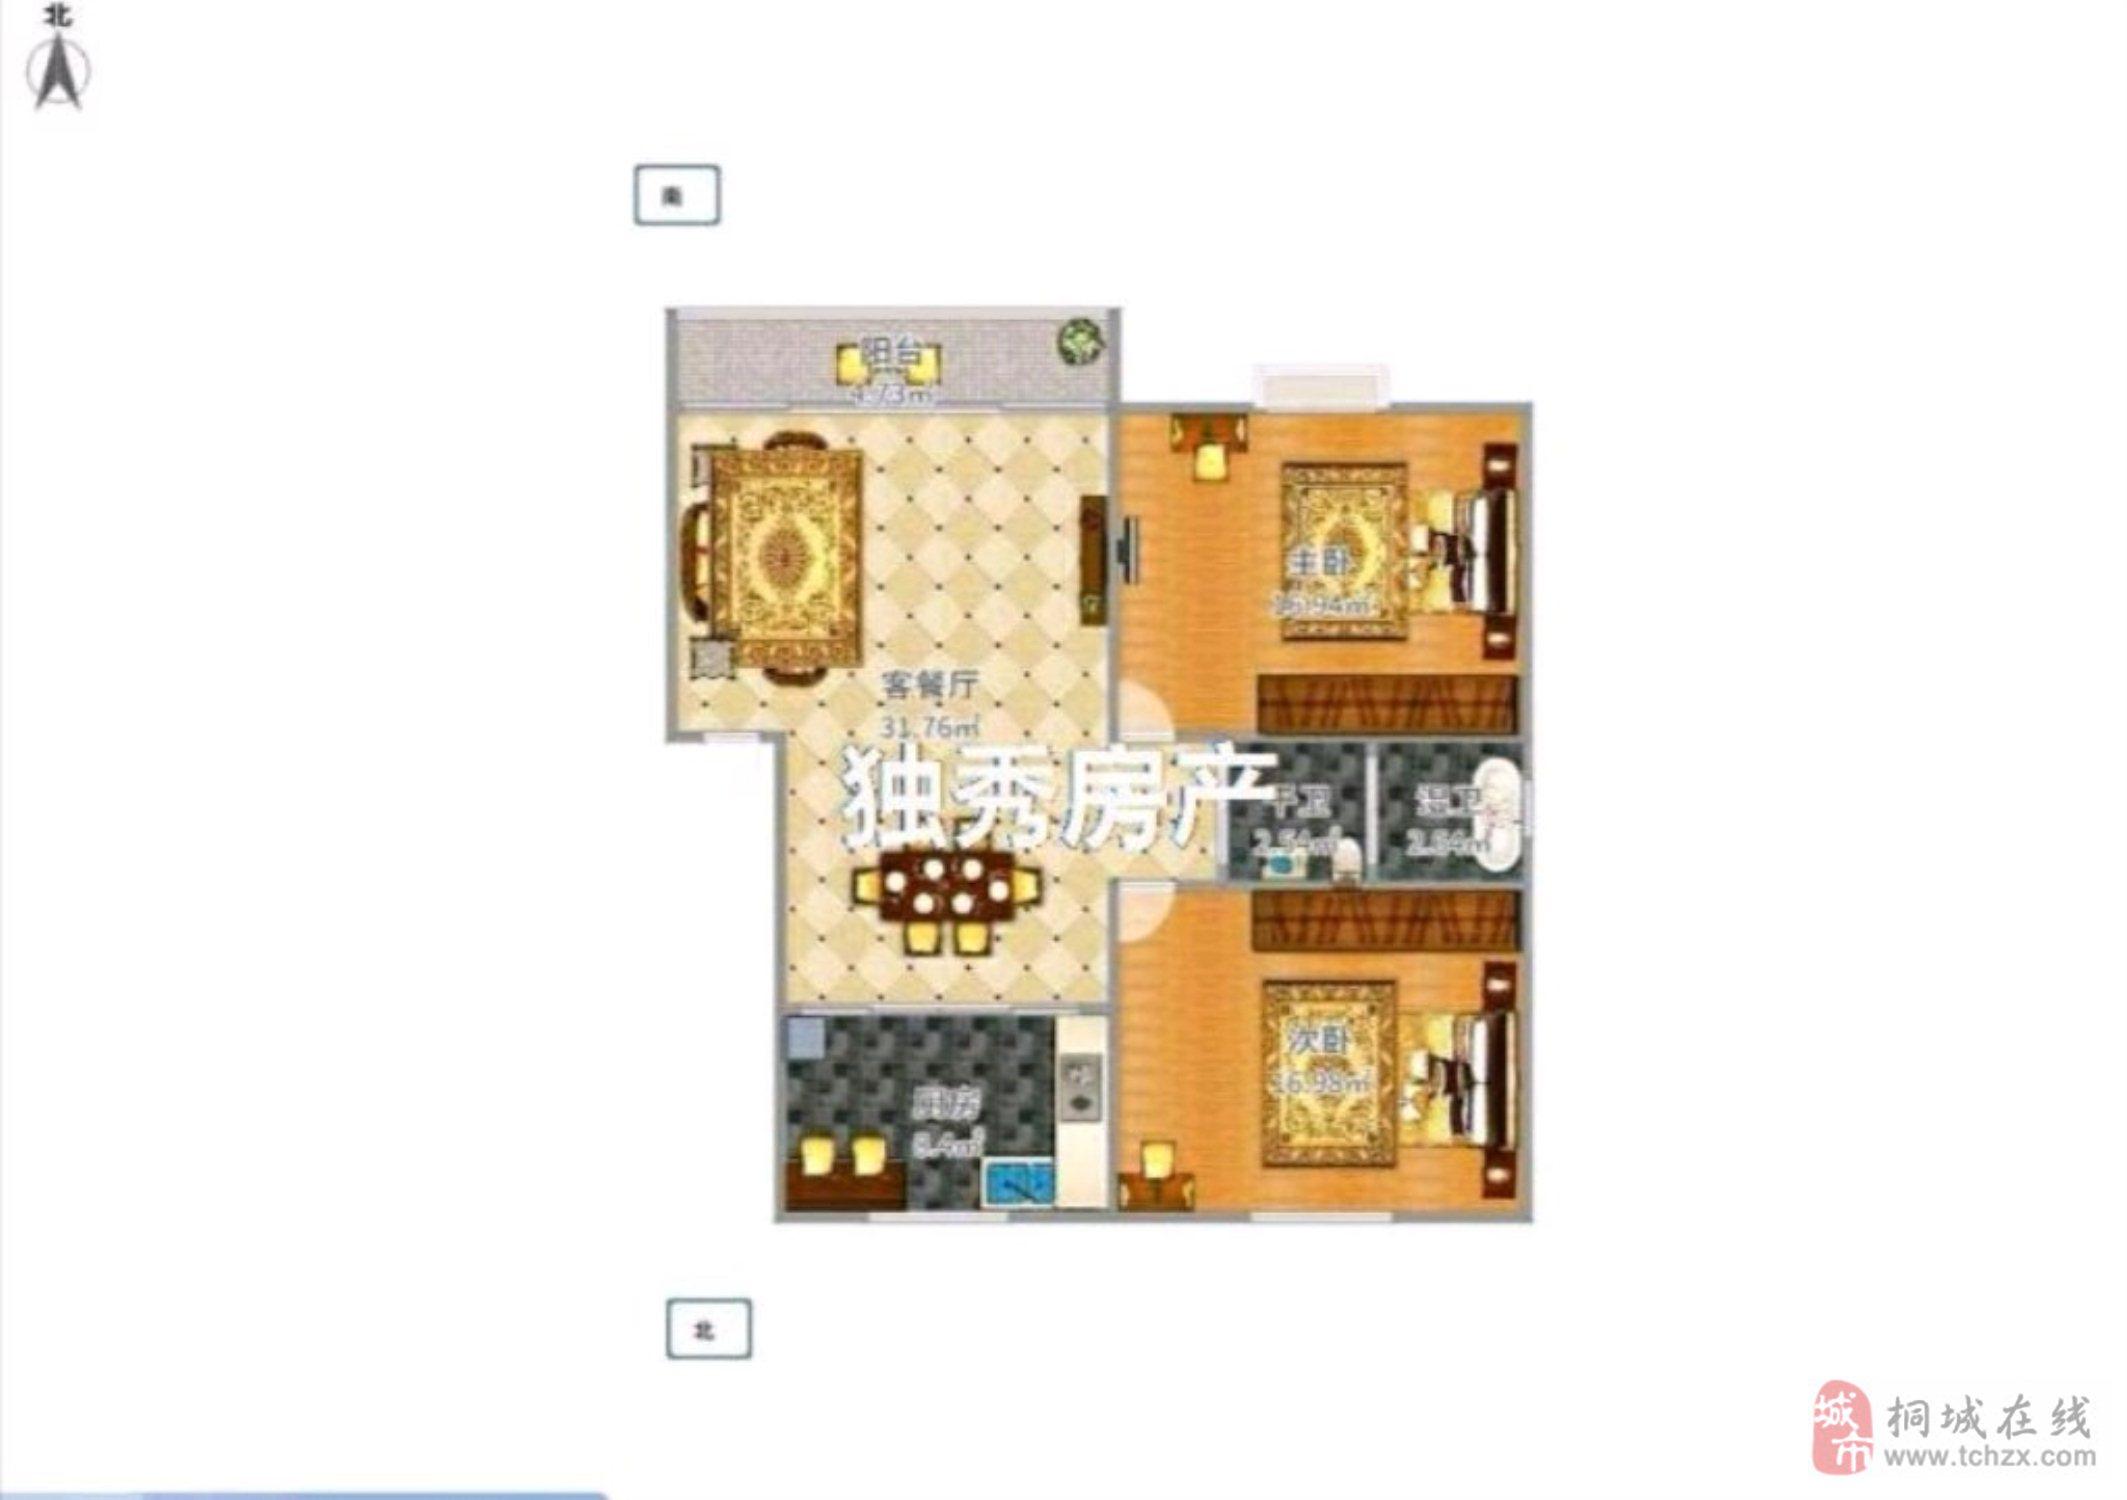 新东方世纪城2室2厅1卫60万元毛坯好房